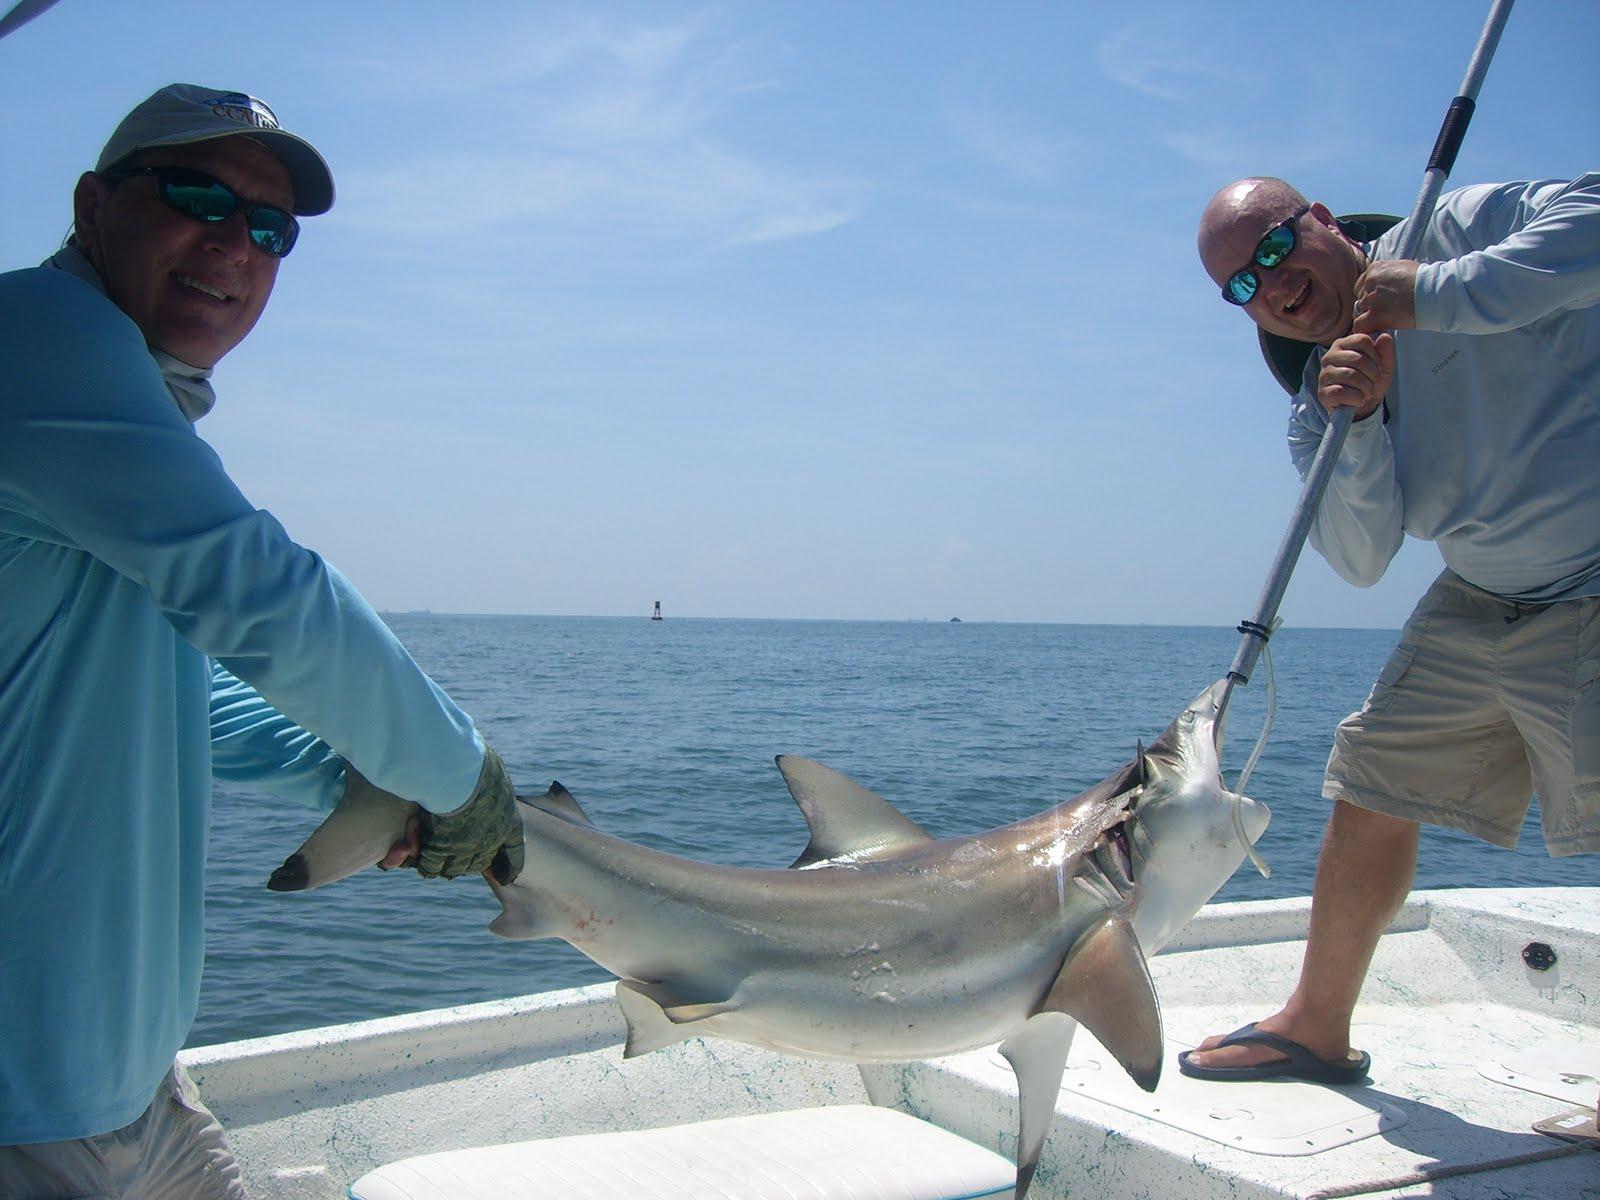 выполнить ловля акулы картинки превращении фотографии искусство